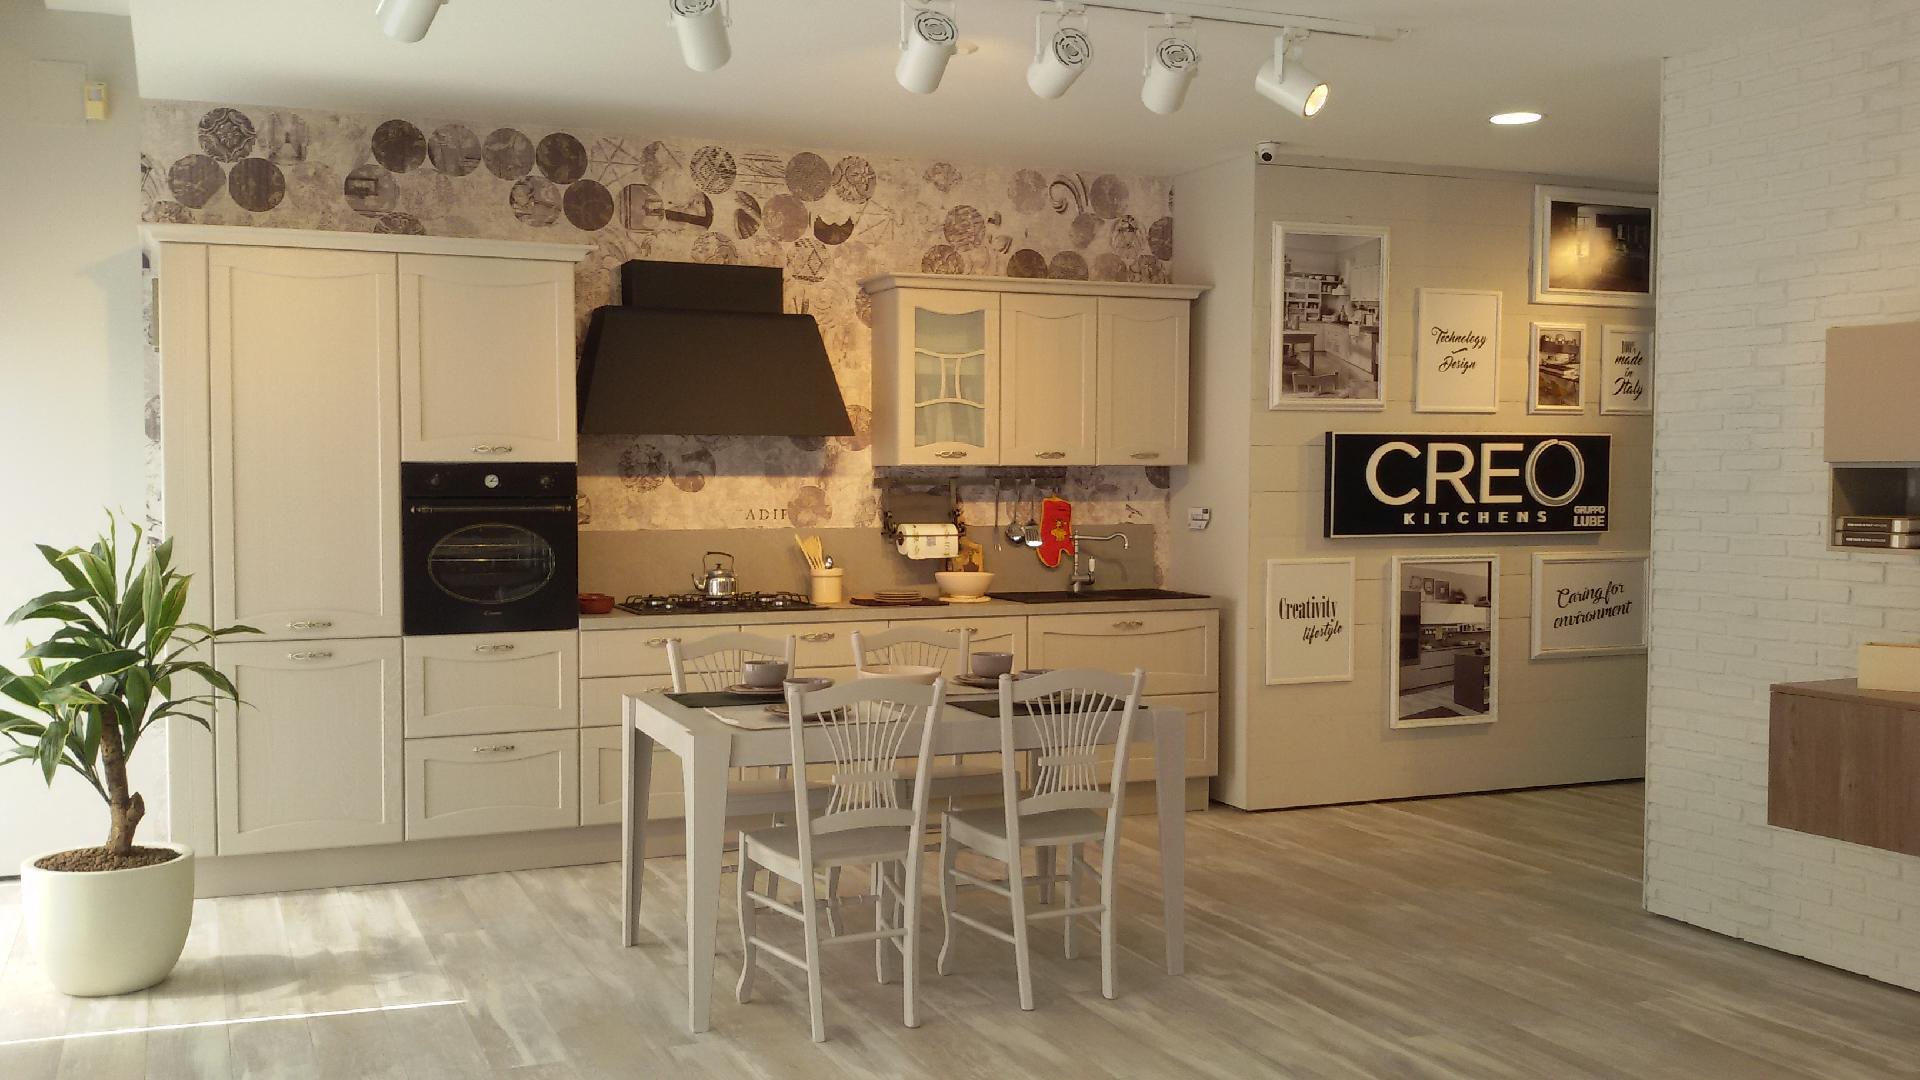 Negozio mobili per cucina store creo kitchens samamobil for Mobilia store cucine